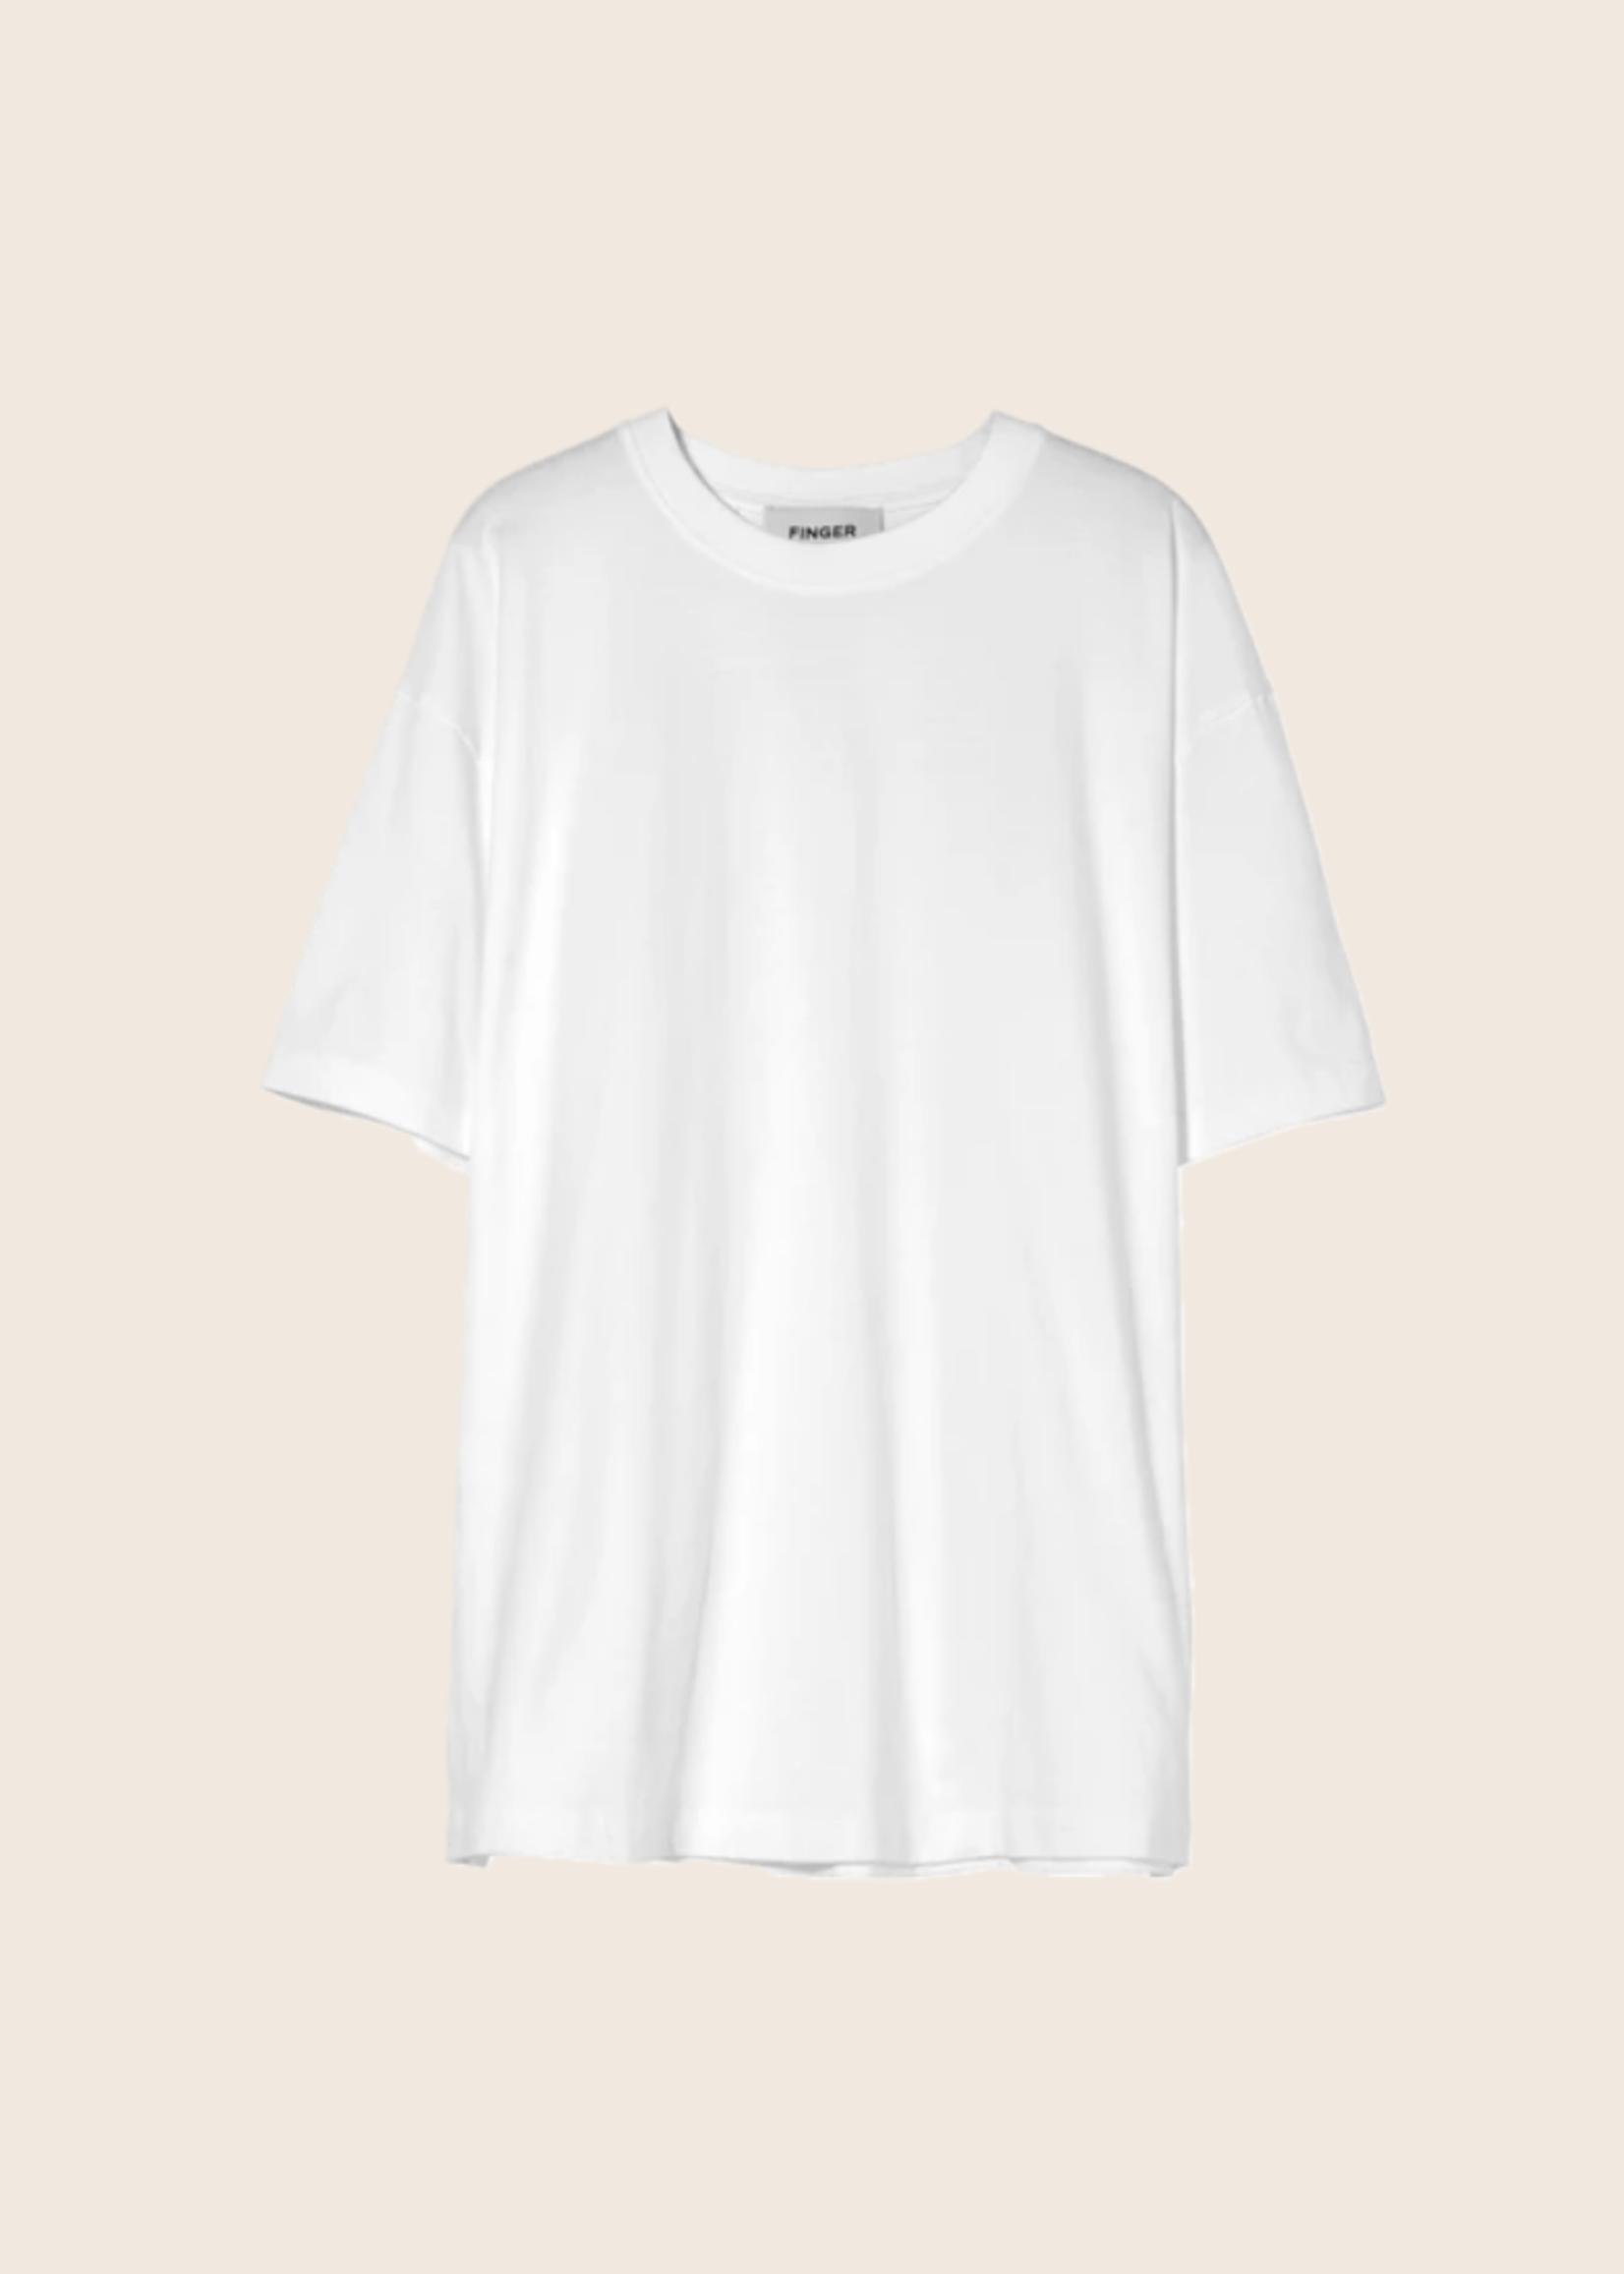 FINGER IN THE NOSE SC 003 White - Sleeveless Shirt